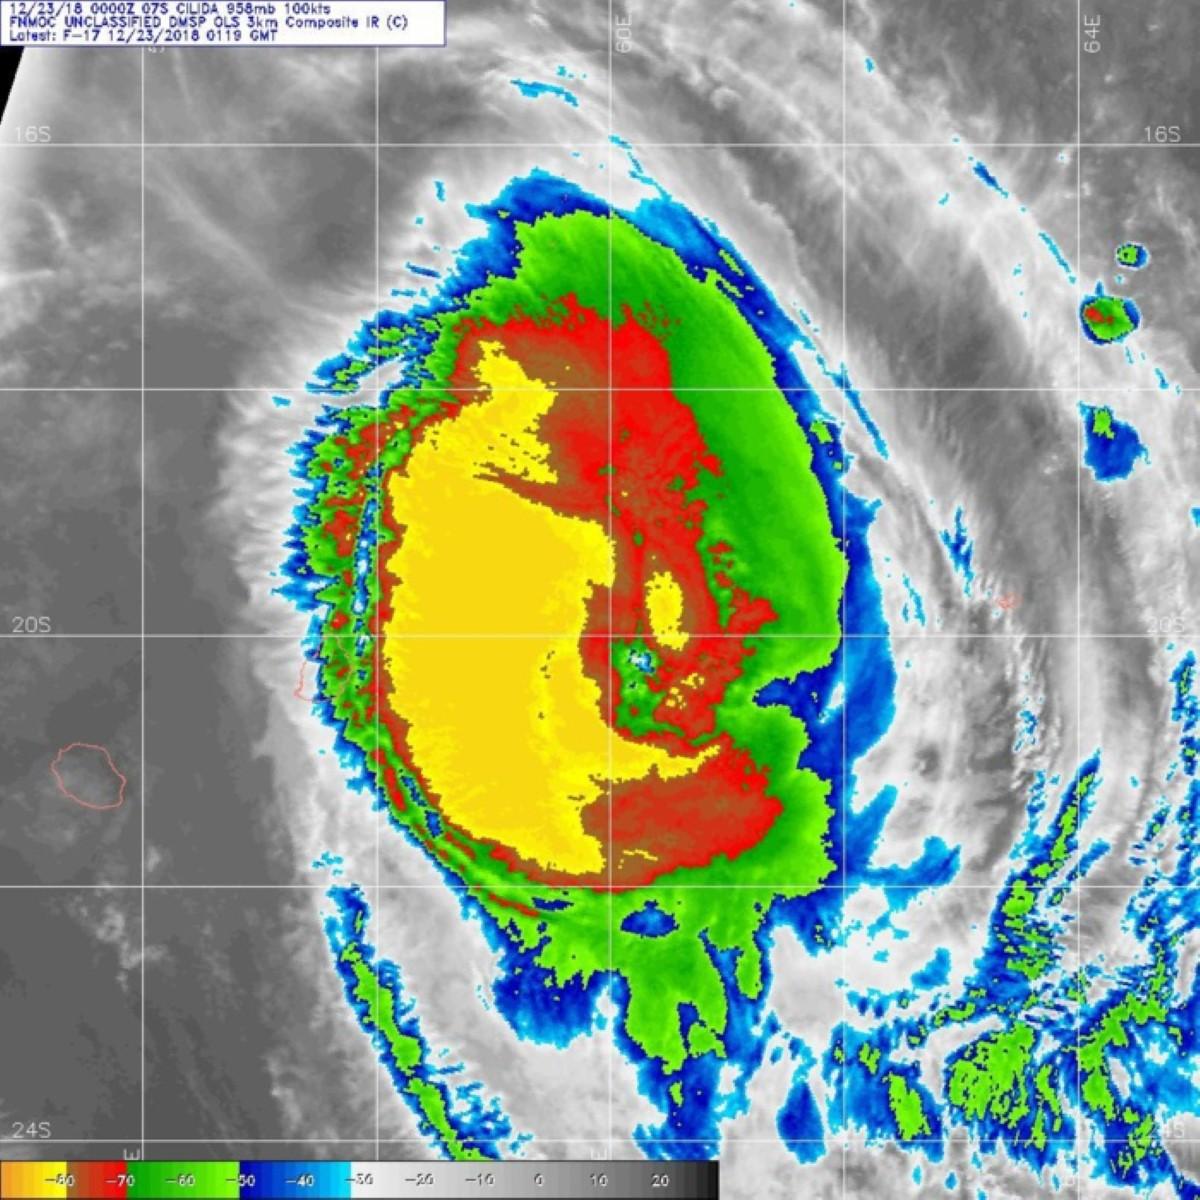 CILIDA capturé par un satellite de la défense US à 0519. En jaune les pluies et rafales cycloniques qui épargnent de justesse Maurice.